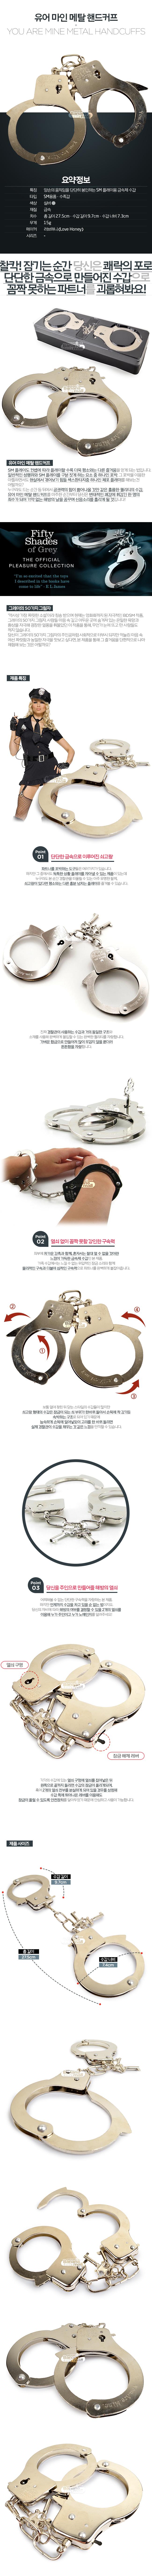 [영국 직수입] 유어 마인 메탈 핸드커프(You Are Mine Metal Handcuffs) - 그레이의 50가지 그림자/러브허니(FS-40176) (LVH)